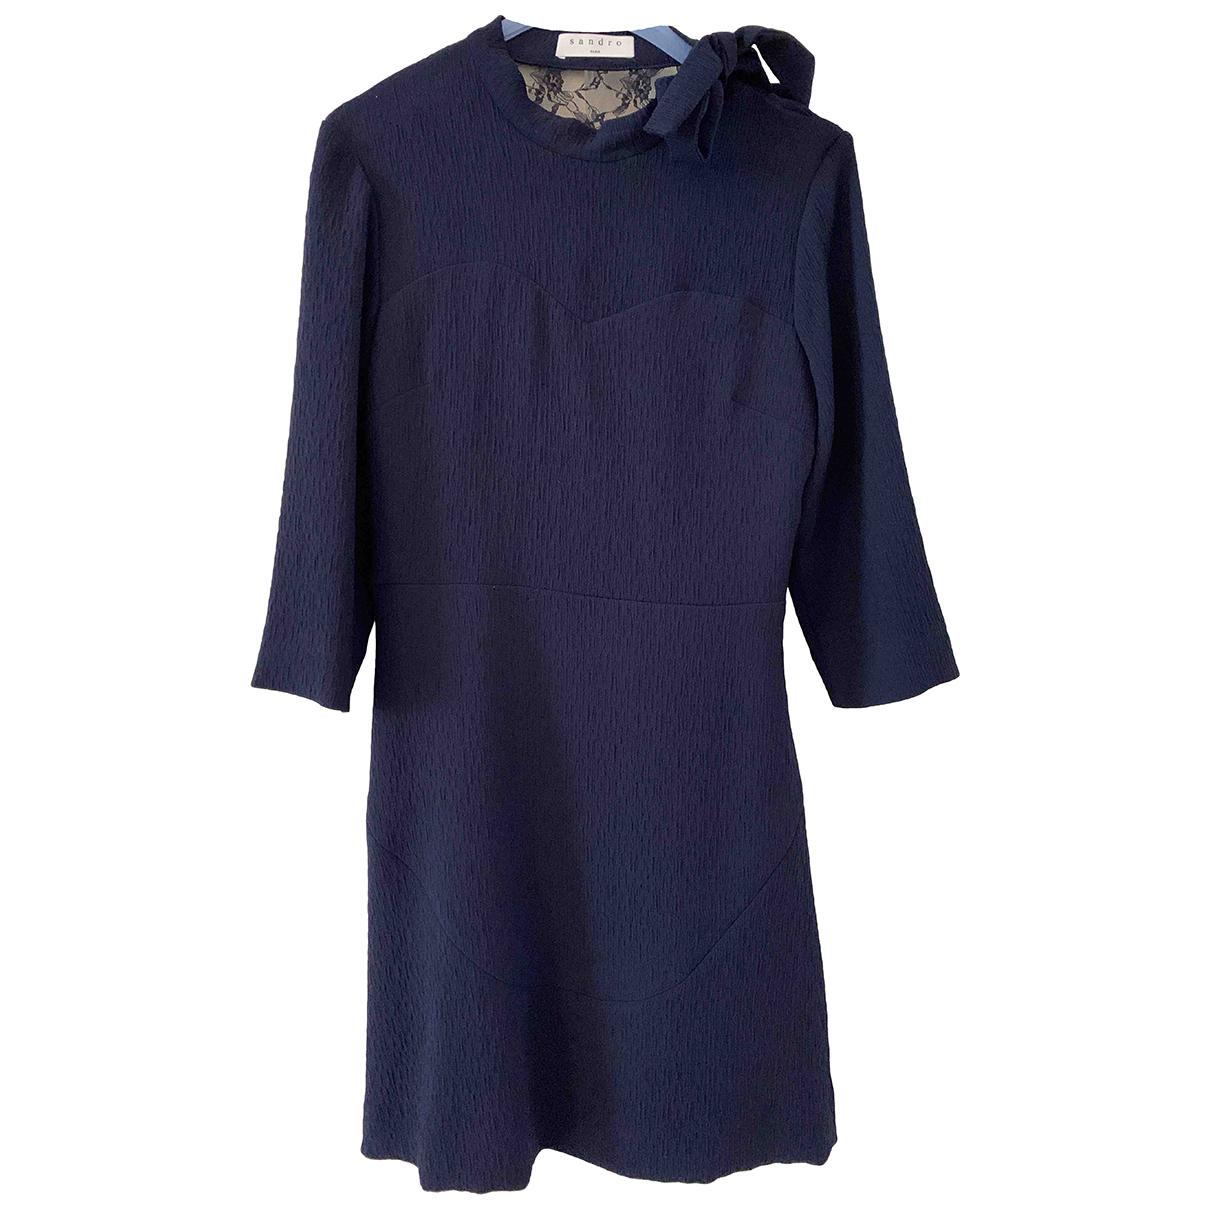 Sandro \N Kleid in  Blau Polyester